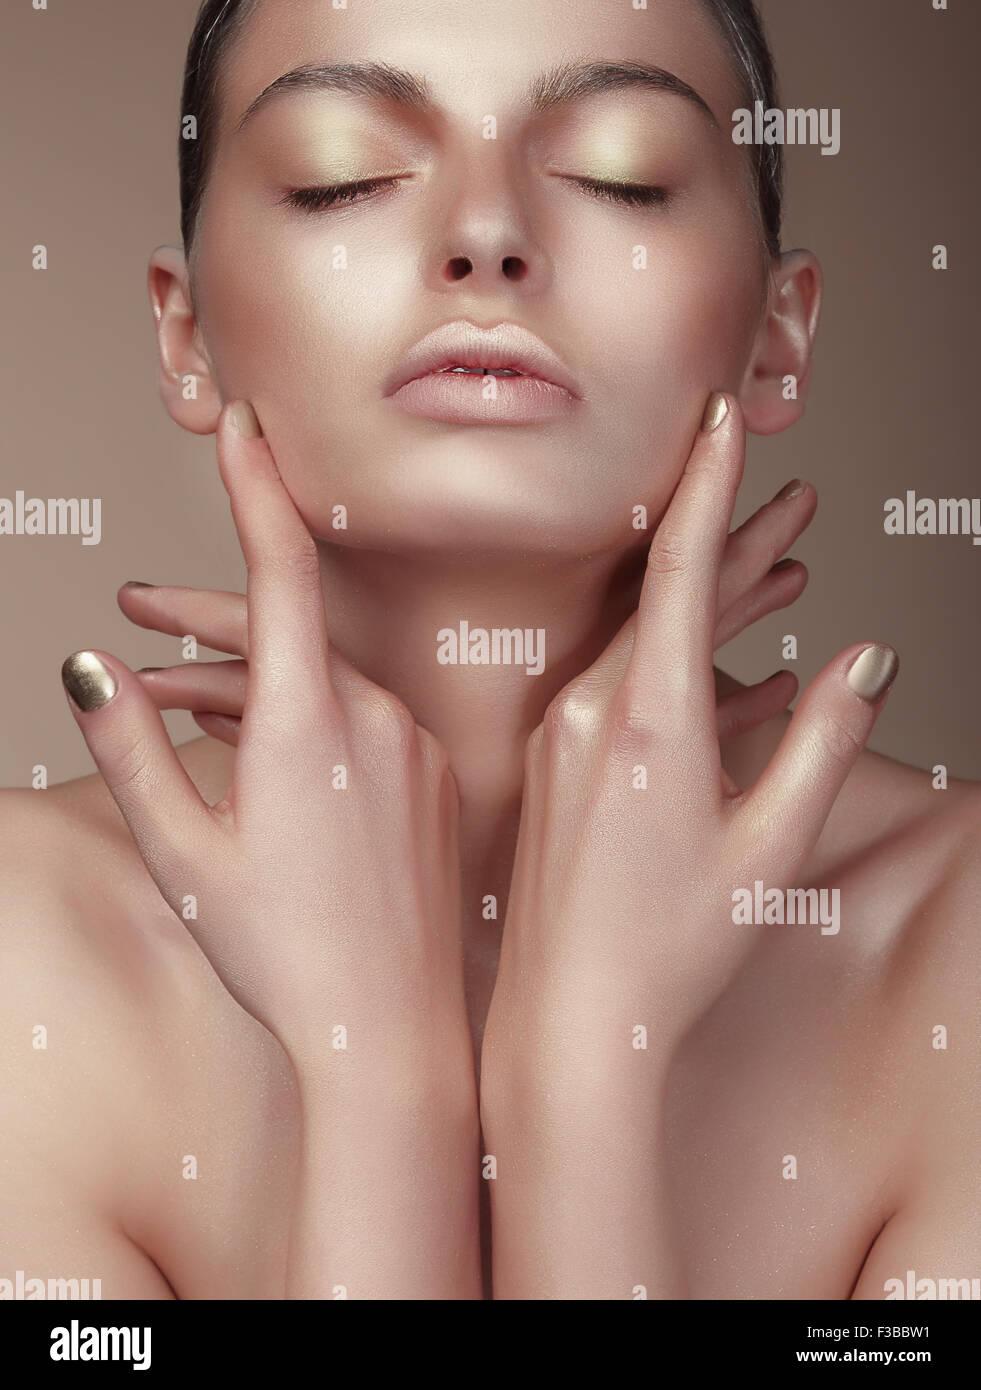 Retrato de joven mujer linda con un tono bronceado de la piel Imagen De Stock